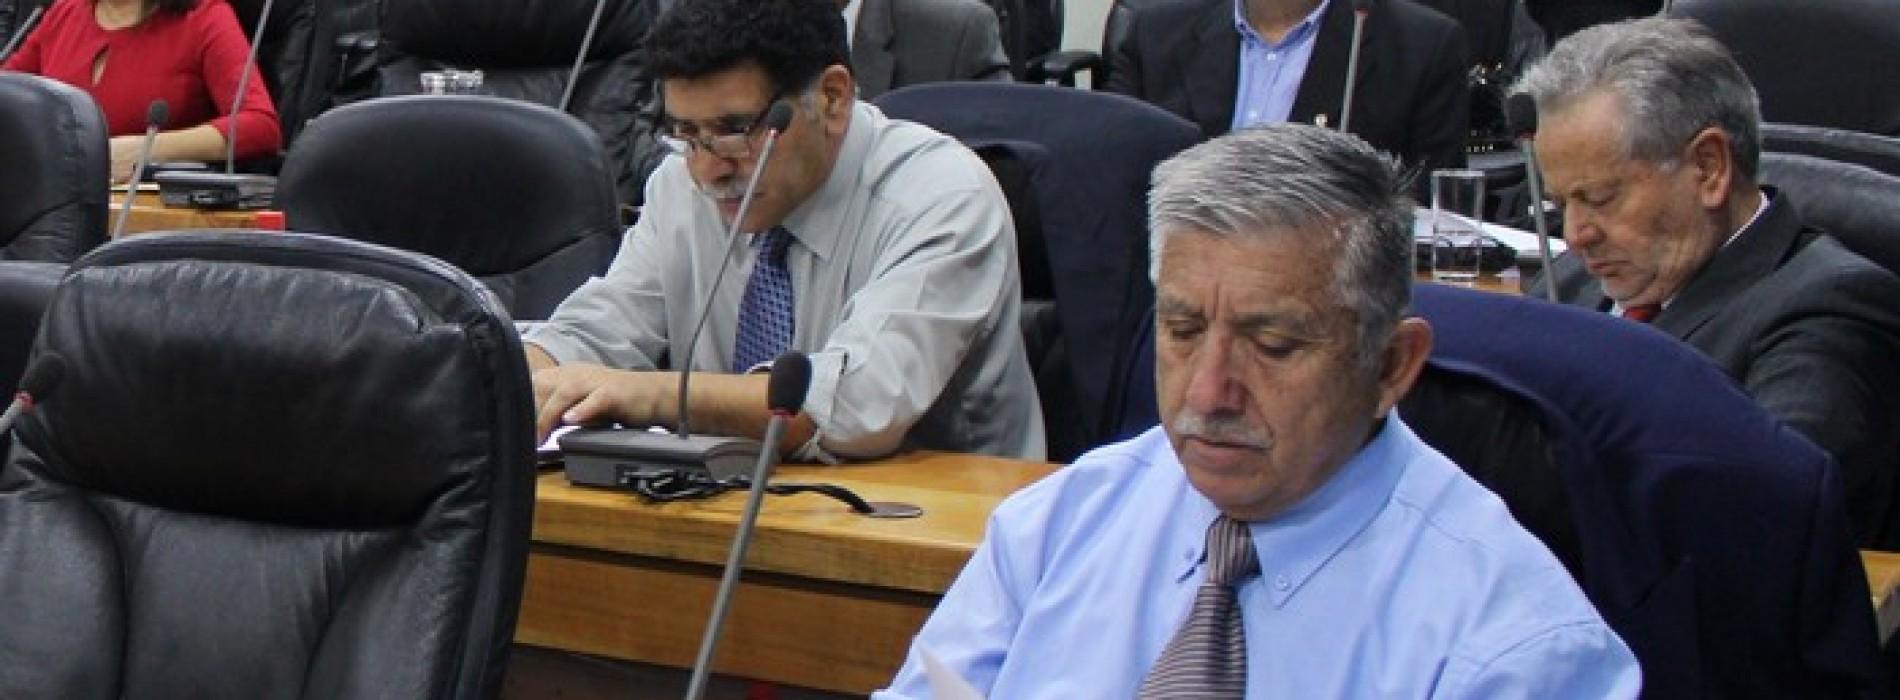 Core Santana solicita al Gobierno acelerar ejecución de proyectos aprobados